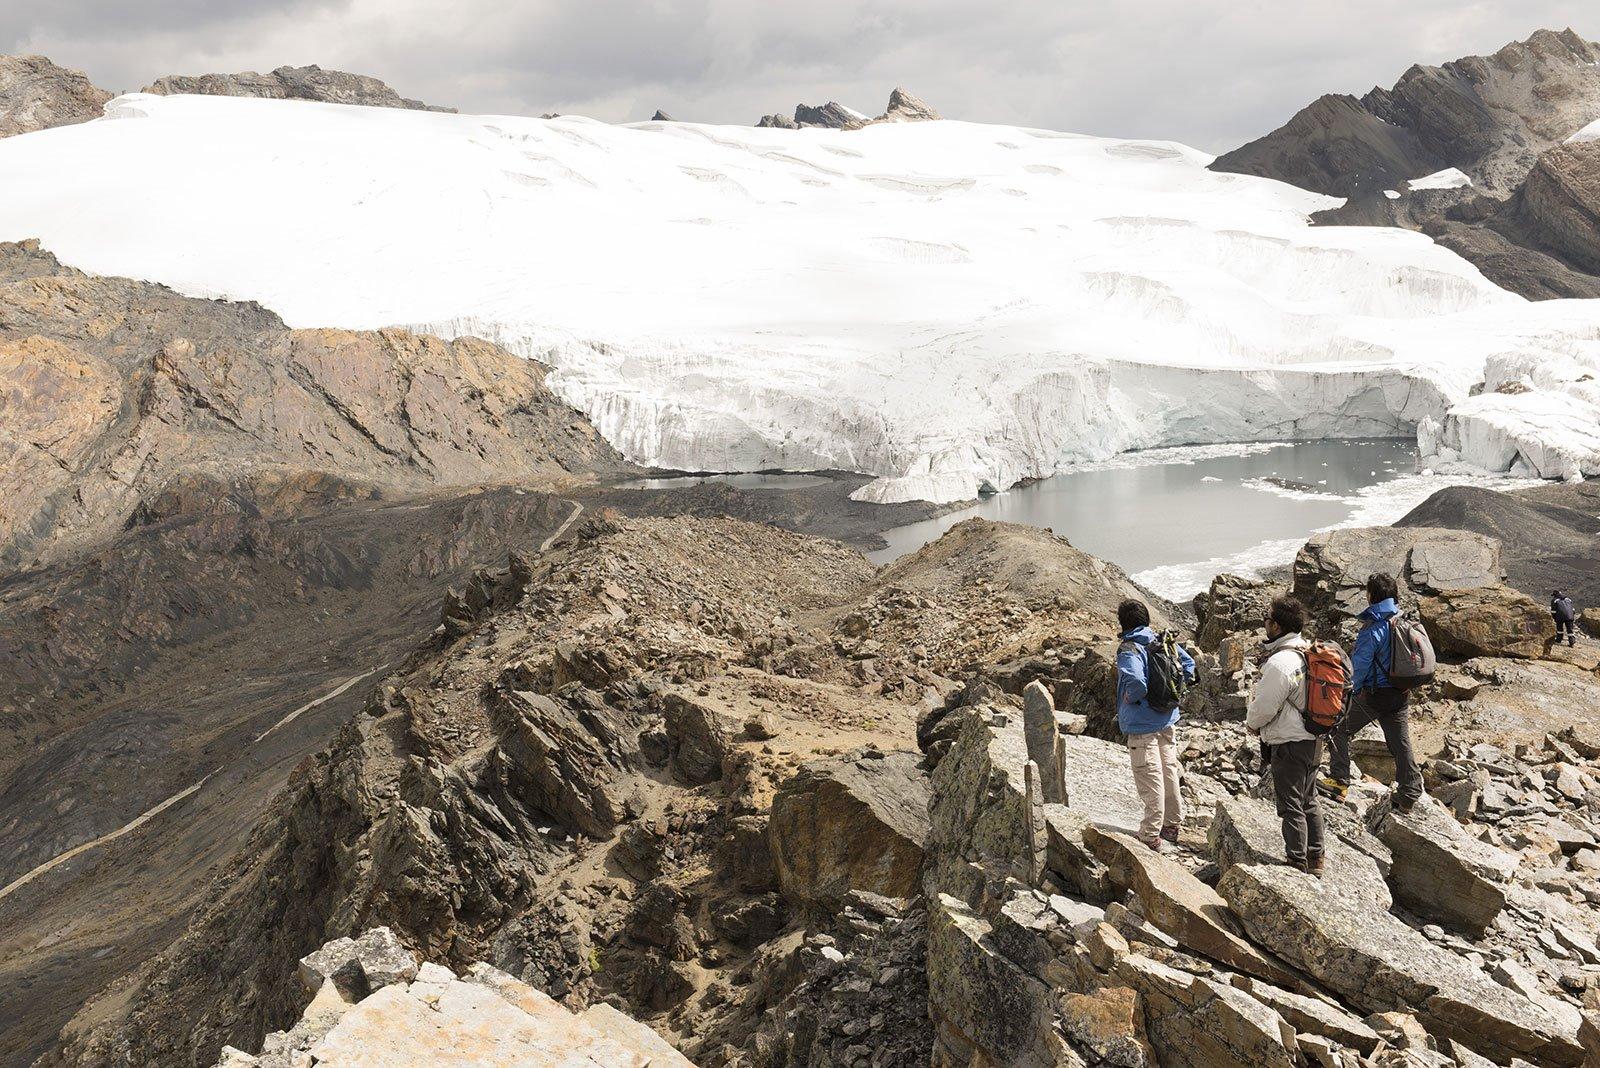 Cambio climático en el Glaciar Pastoruri. Cambio climático en el glaciar Pastoruri